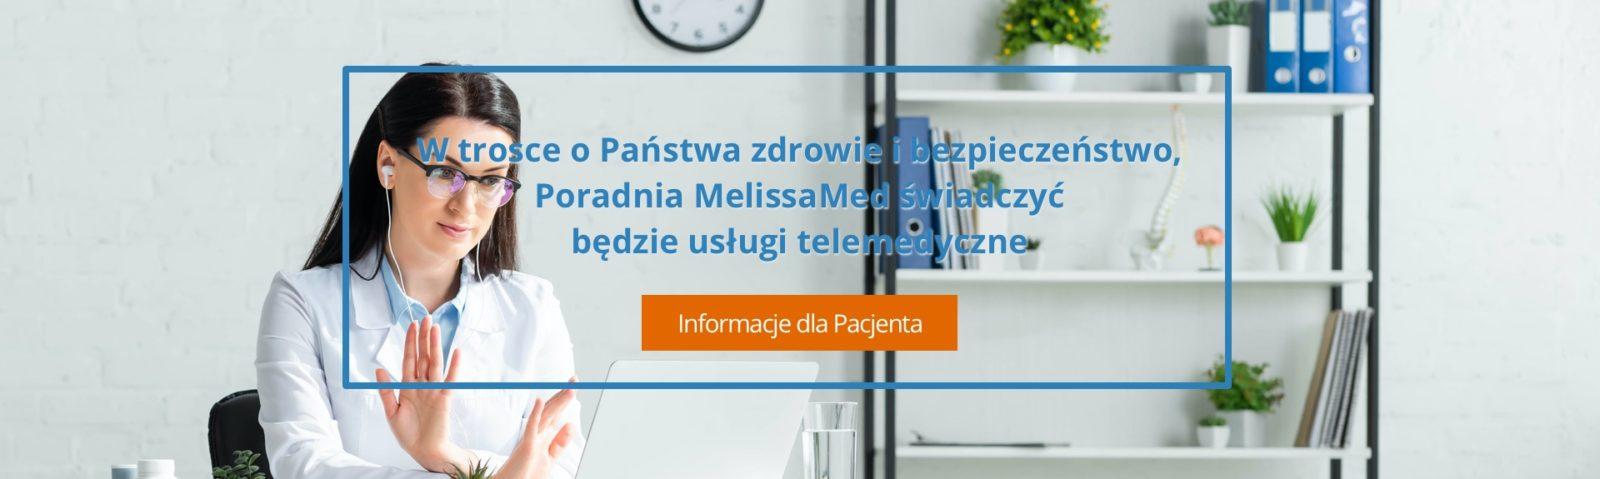 Wizyty Online lekarz Łódź